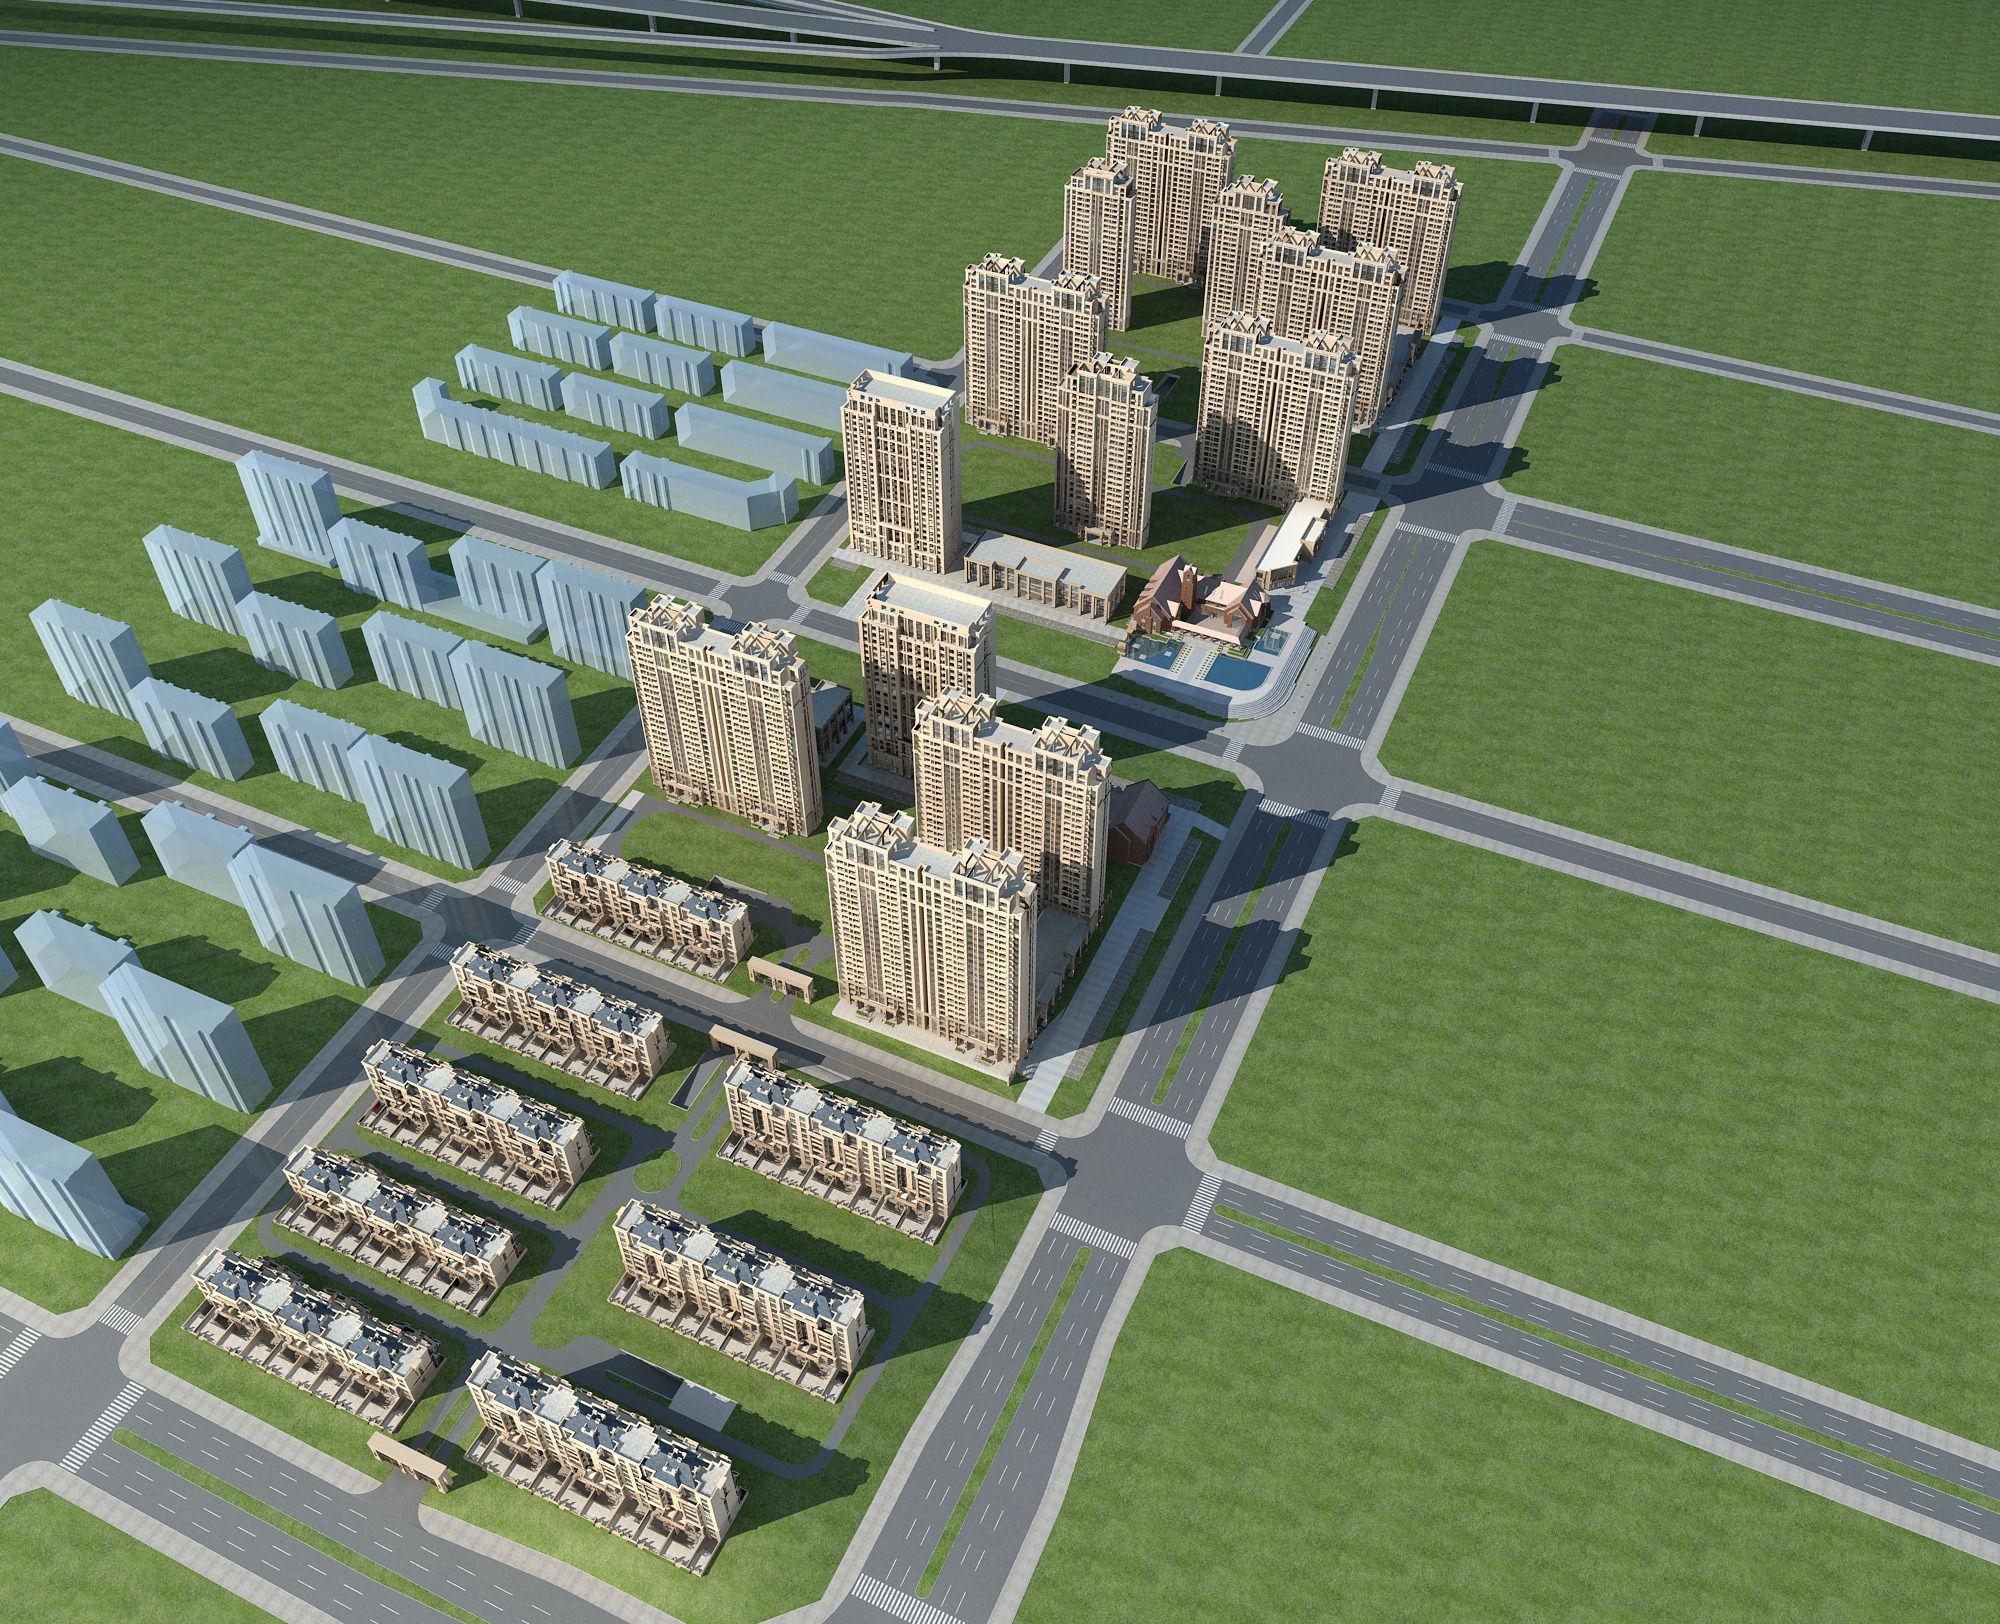 Architecture 101 1 3d model max for Architecture 101